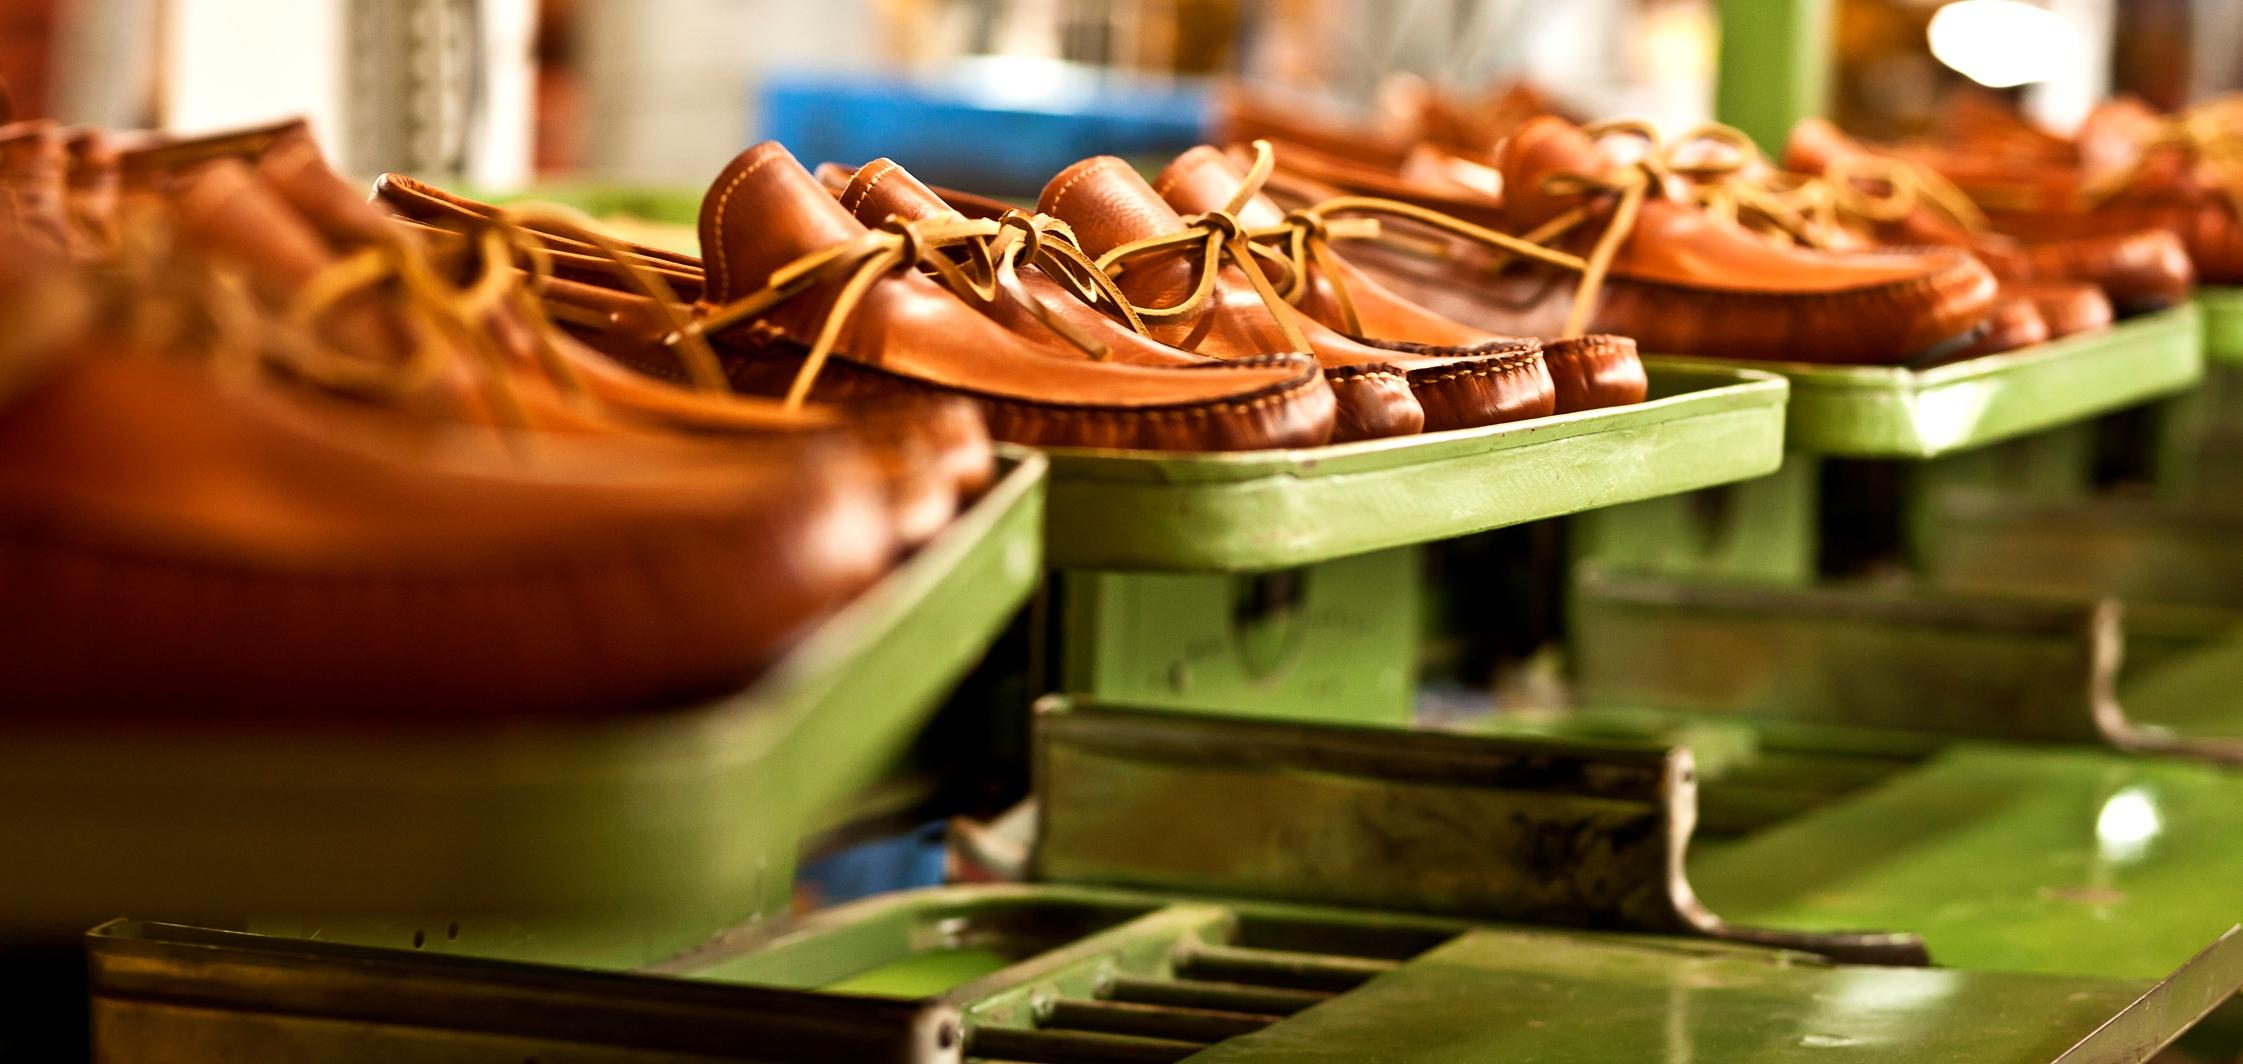 https://www.marcasrenombradas.com/wp-content/uploads/2011/07/Copia-de-VA-BENE-08.jpg